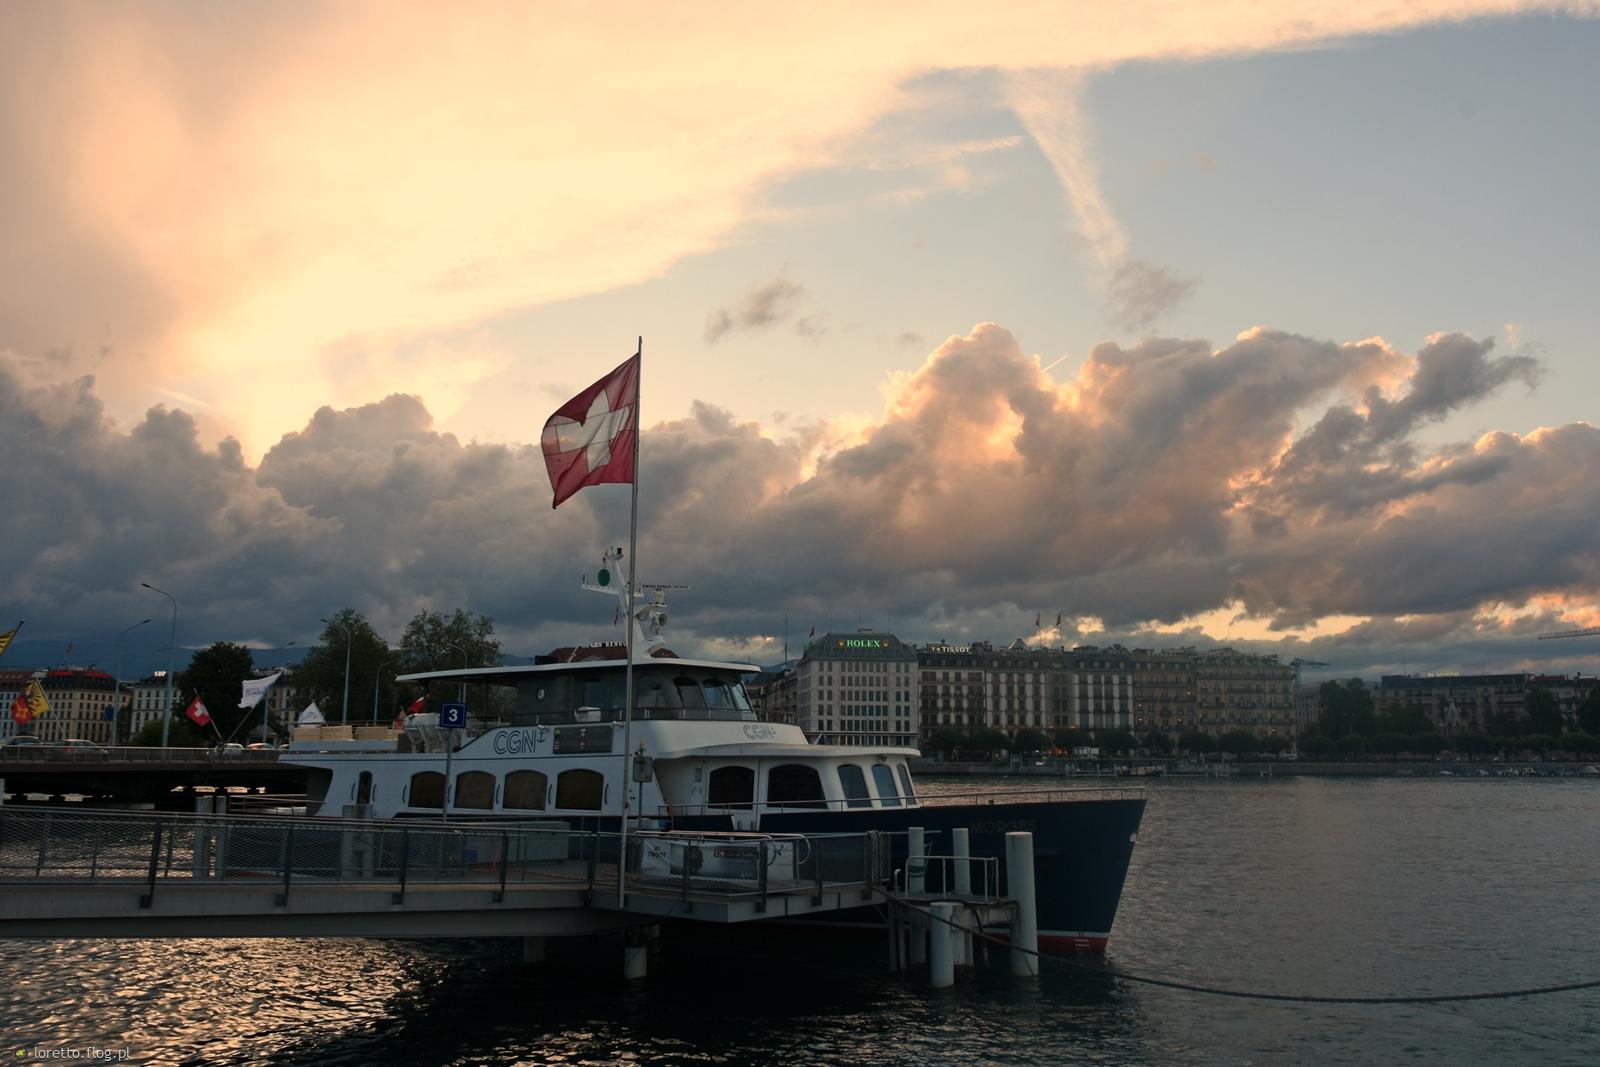 wieczorny  spacer  nad  Jeziorem Genewskim